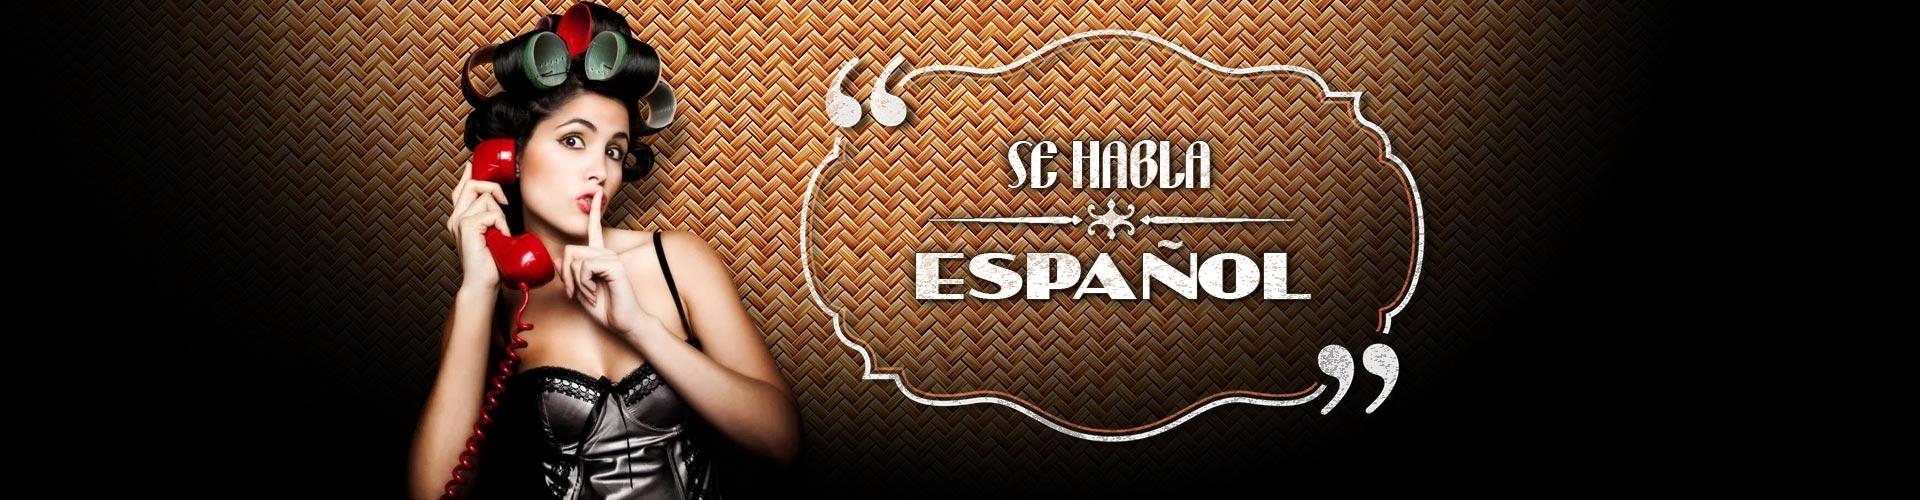 se-habla-espanol